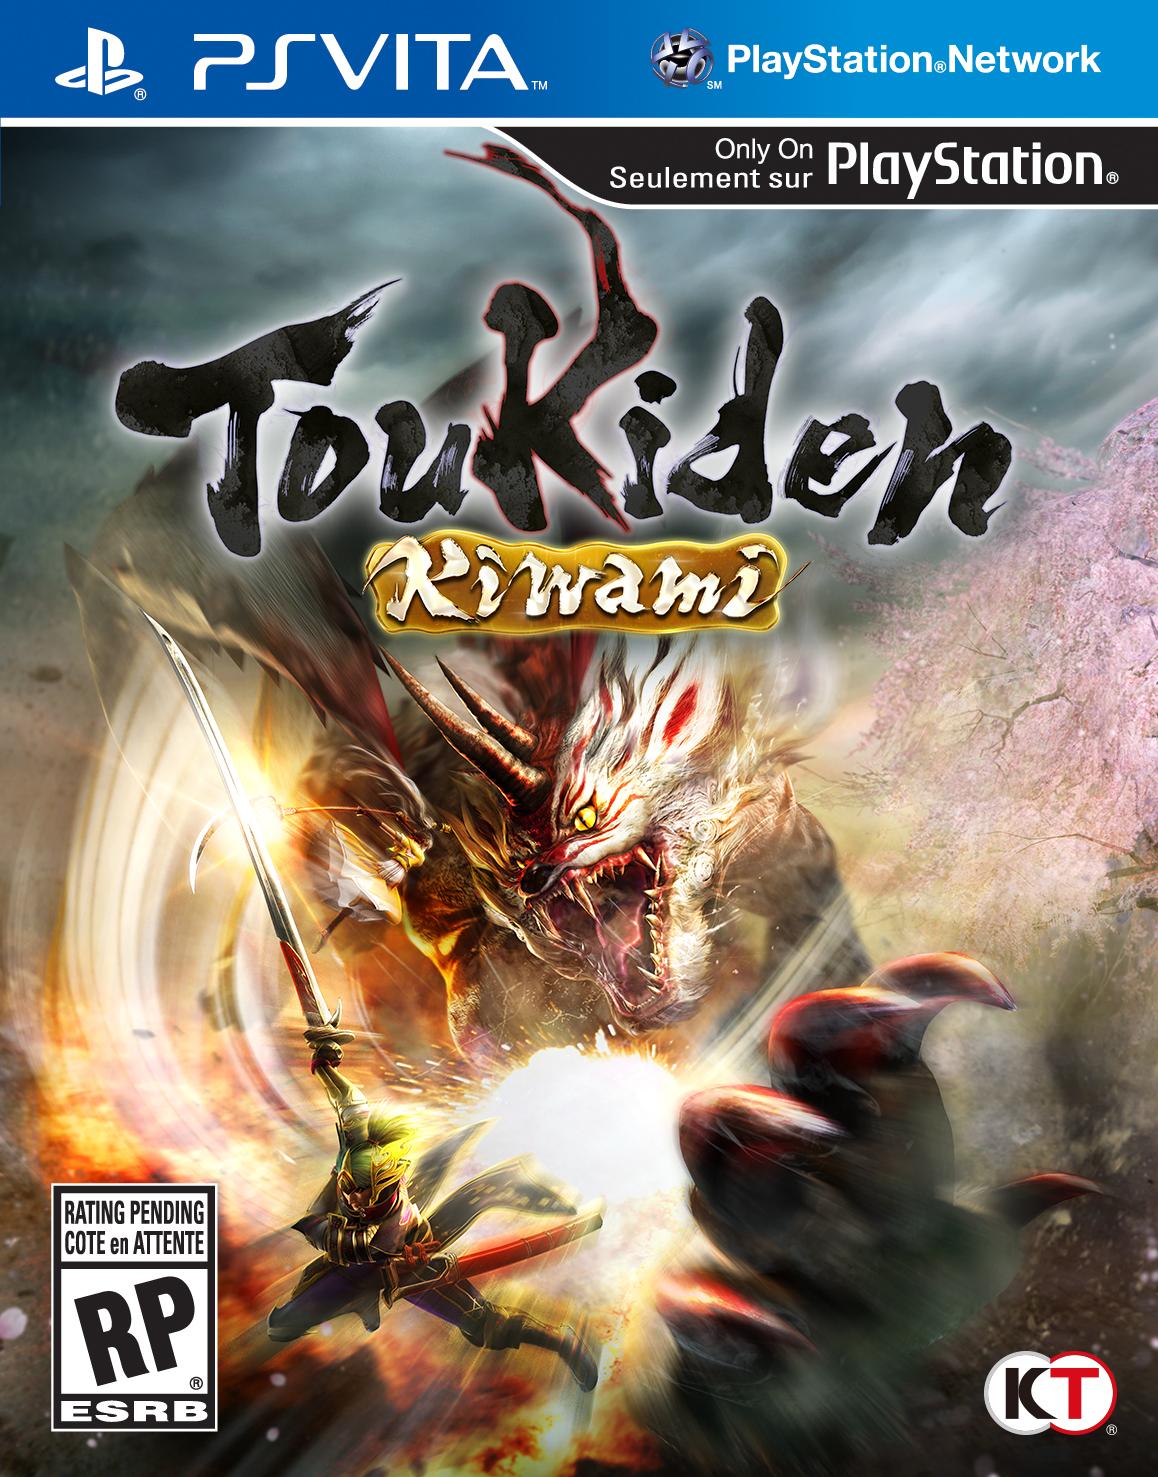 Toukiden Kiwami cover PS Vita USA